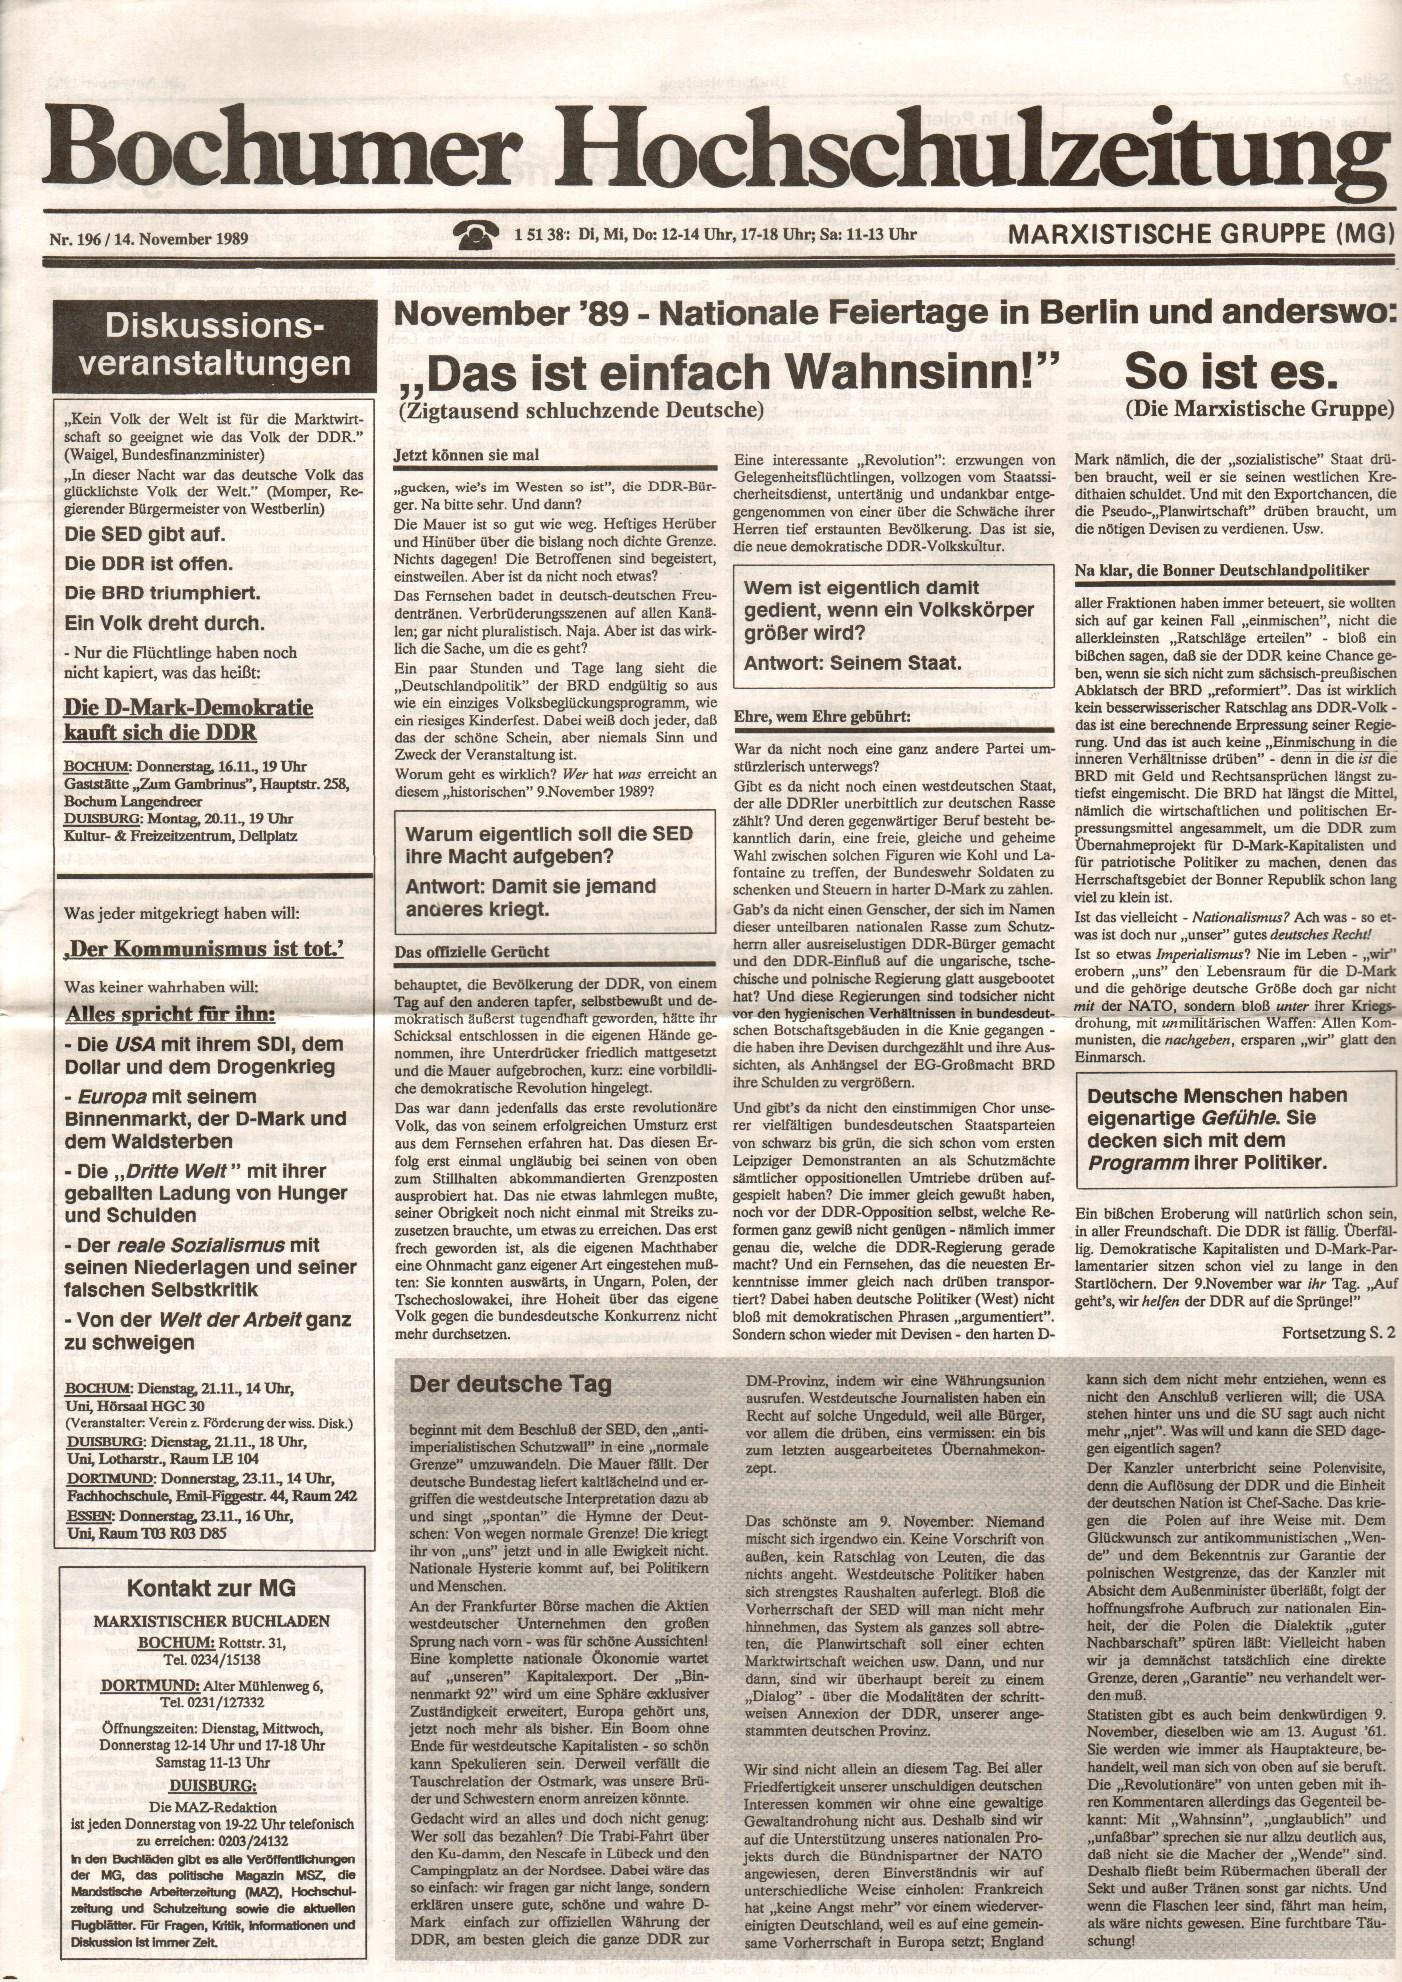 MG_Bochumer_Hochschulzeitung_19891114_01